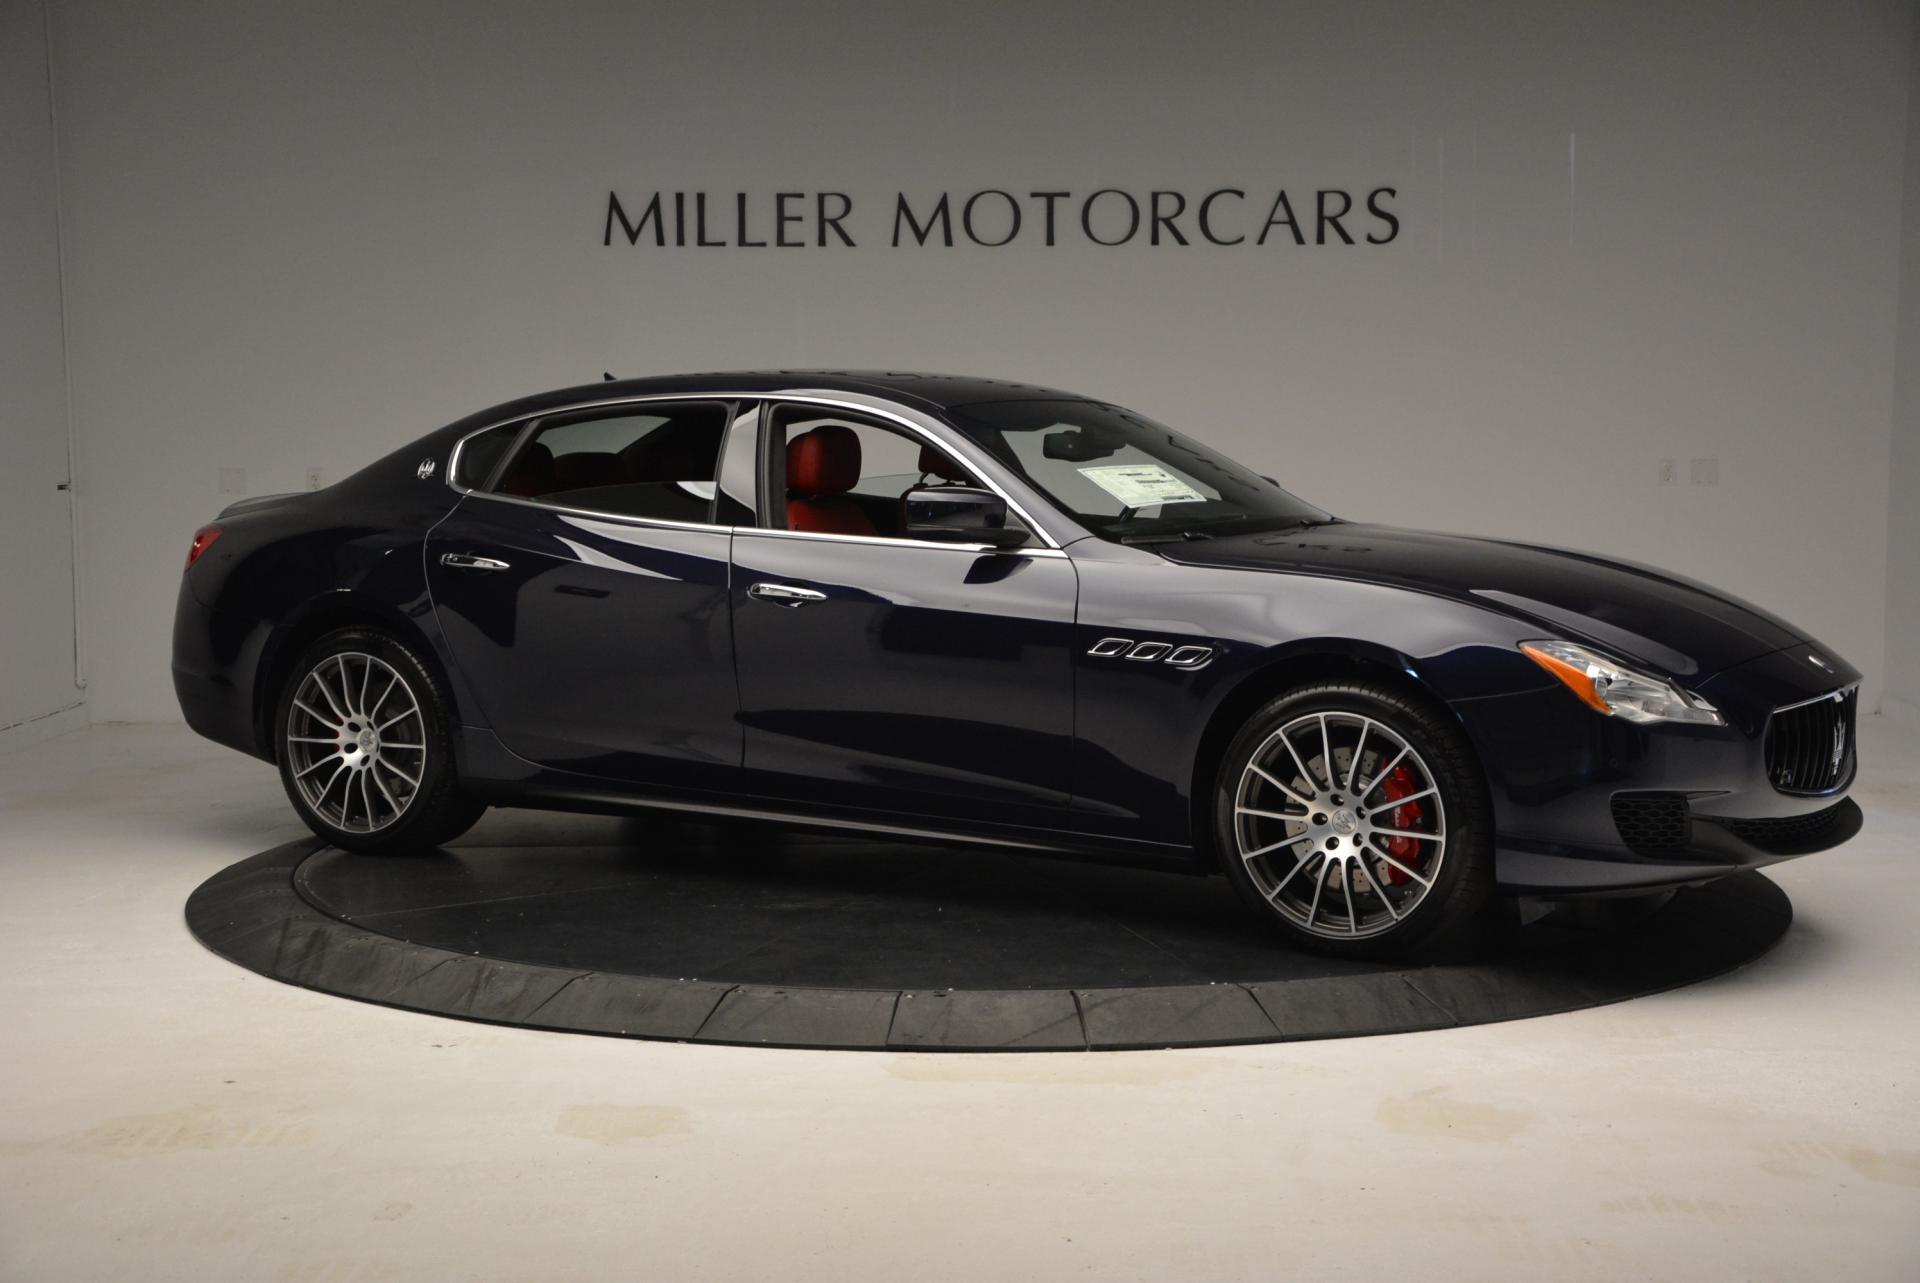 New 2016 Maserati Quattroporte S Q4  *******      DEALER'S  DEMO For Sale In Greenwich, CT 185_p11